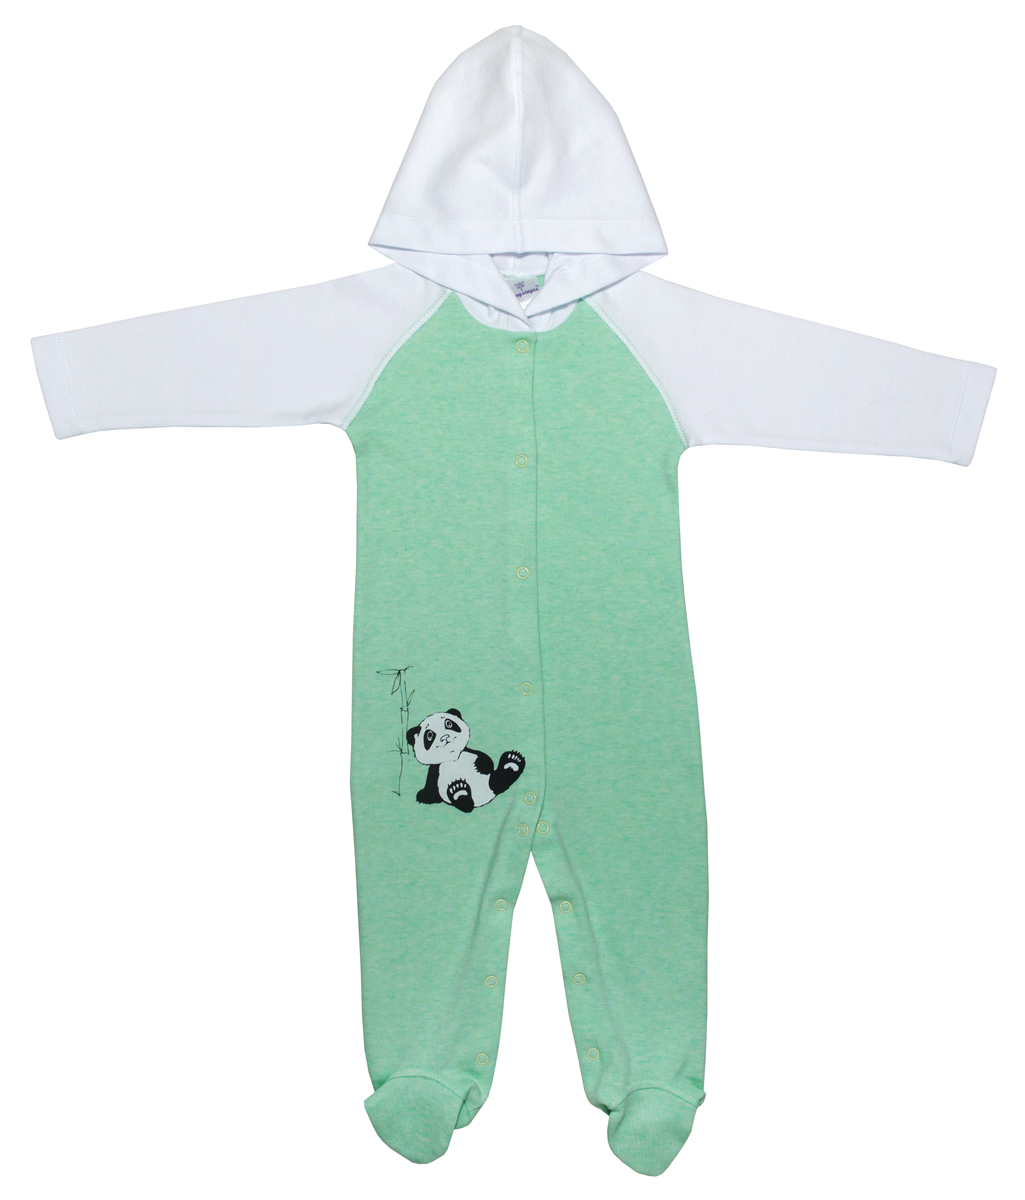 Комбинезон домашний для мальчика Мамуляндия Панда, цвет: белый, зеленый. 17-902. Размер 5617-902Комбинезон домашний для мальчика Мамуляндия с длинными рукавами и капюшоном послужит идеальным дополнением к гардеробу вашего малыша, обеспечивая ему наибольший комфорт. Изготовленный из натурального хлопка, он необычайно мягкий и легкий, не раздражает нежную кожу ребенка и хорошо вентилируется, а эластичные швы приятны телу младенца и не препятствуют его движениям. Удобные застежки-кнопки помогают легко переодеть малыша.